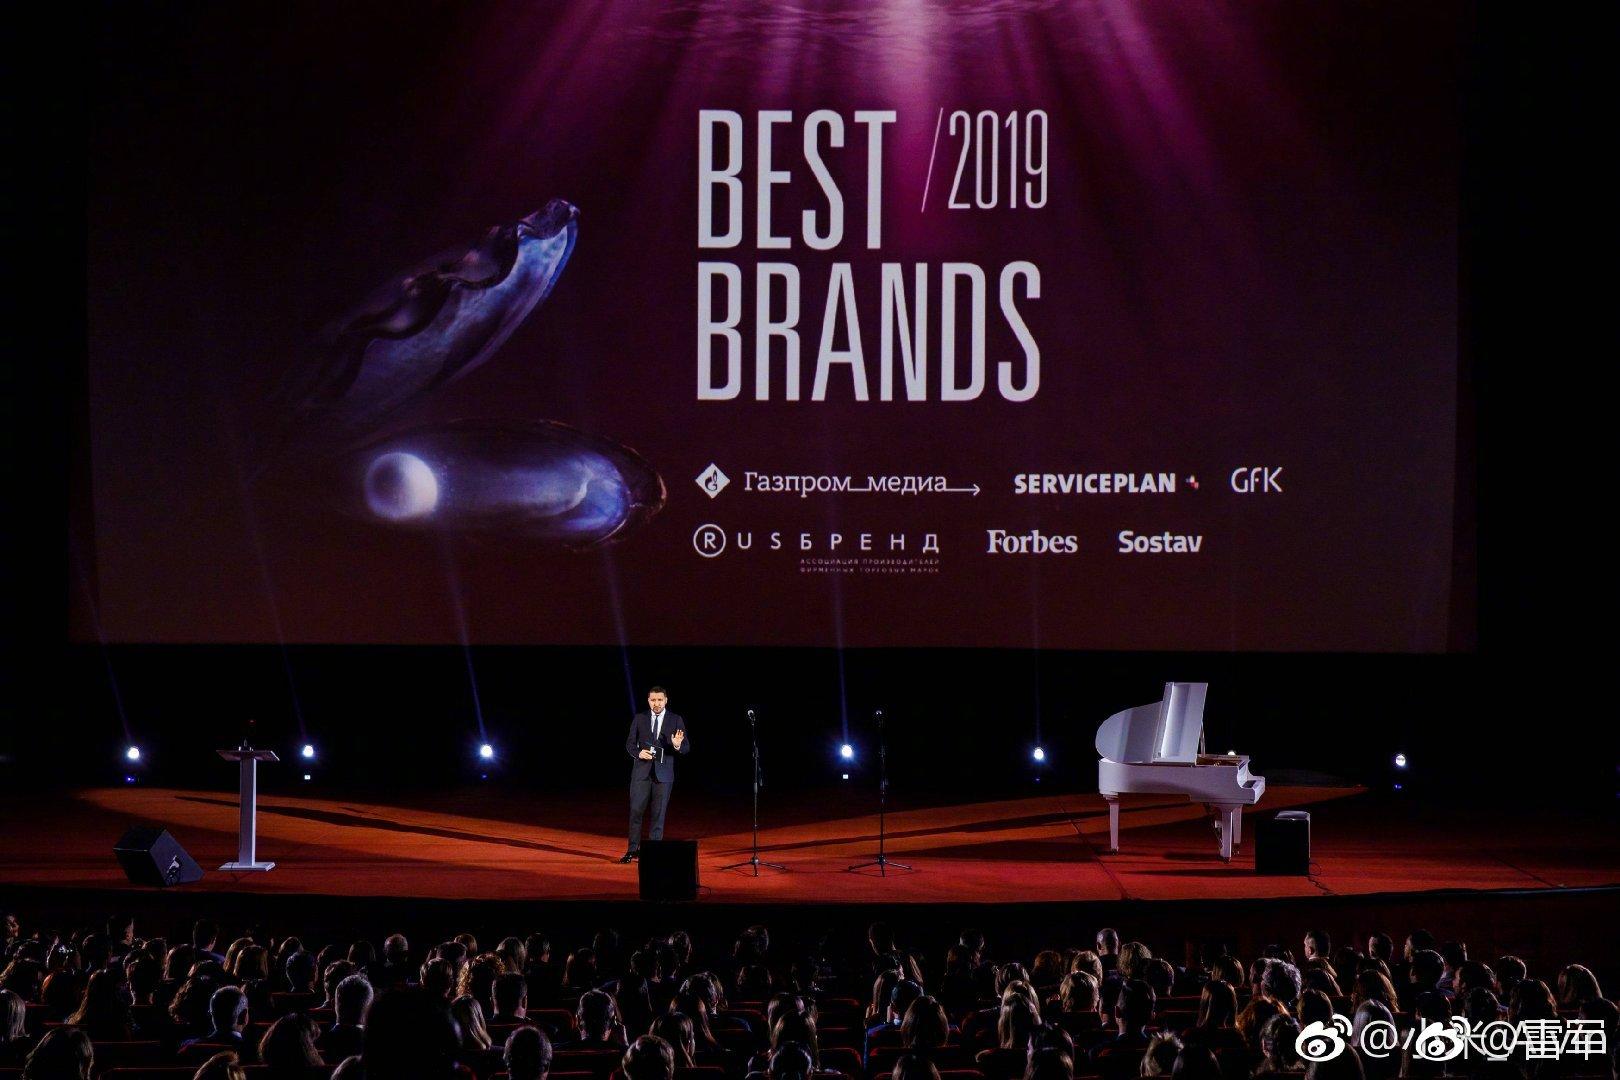 小米在俄罗斯斩获消费电子类最佳品牌奖